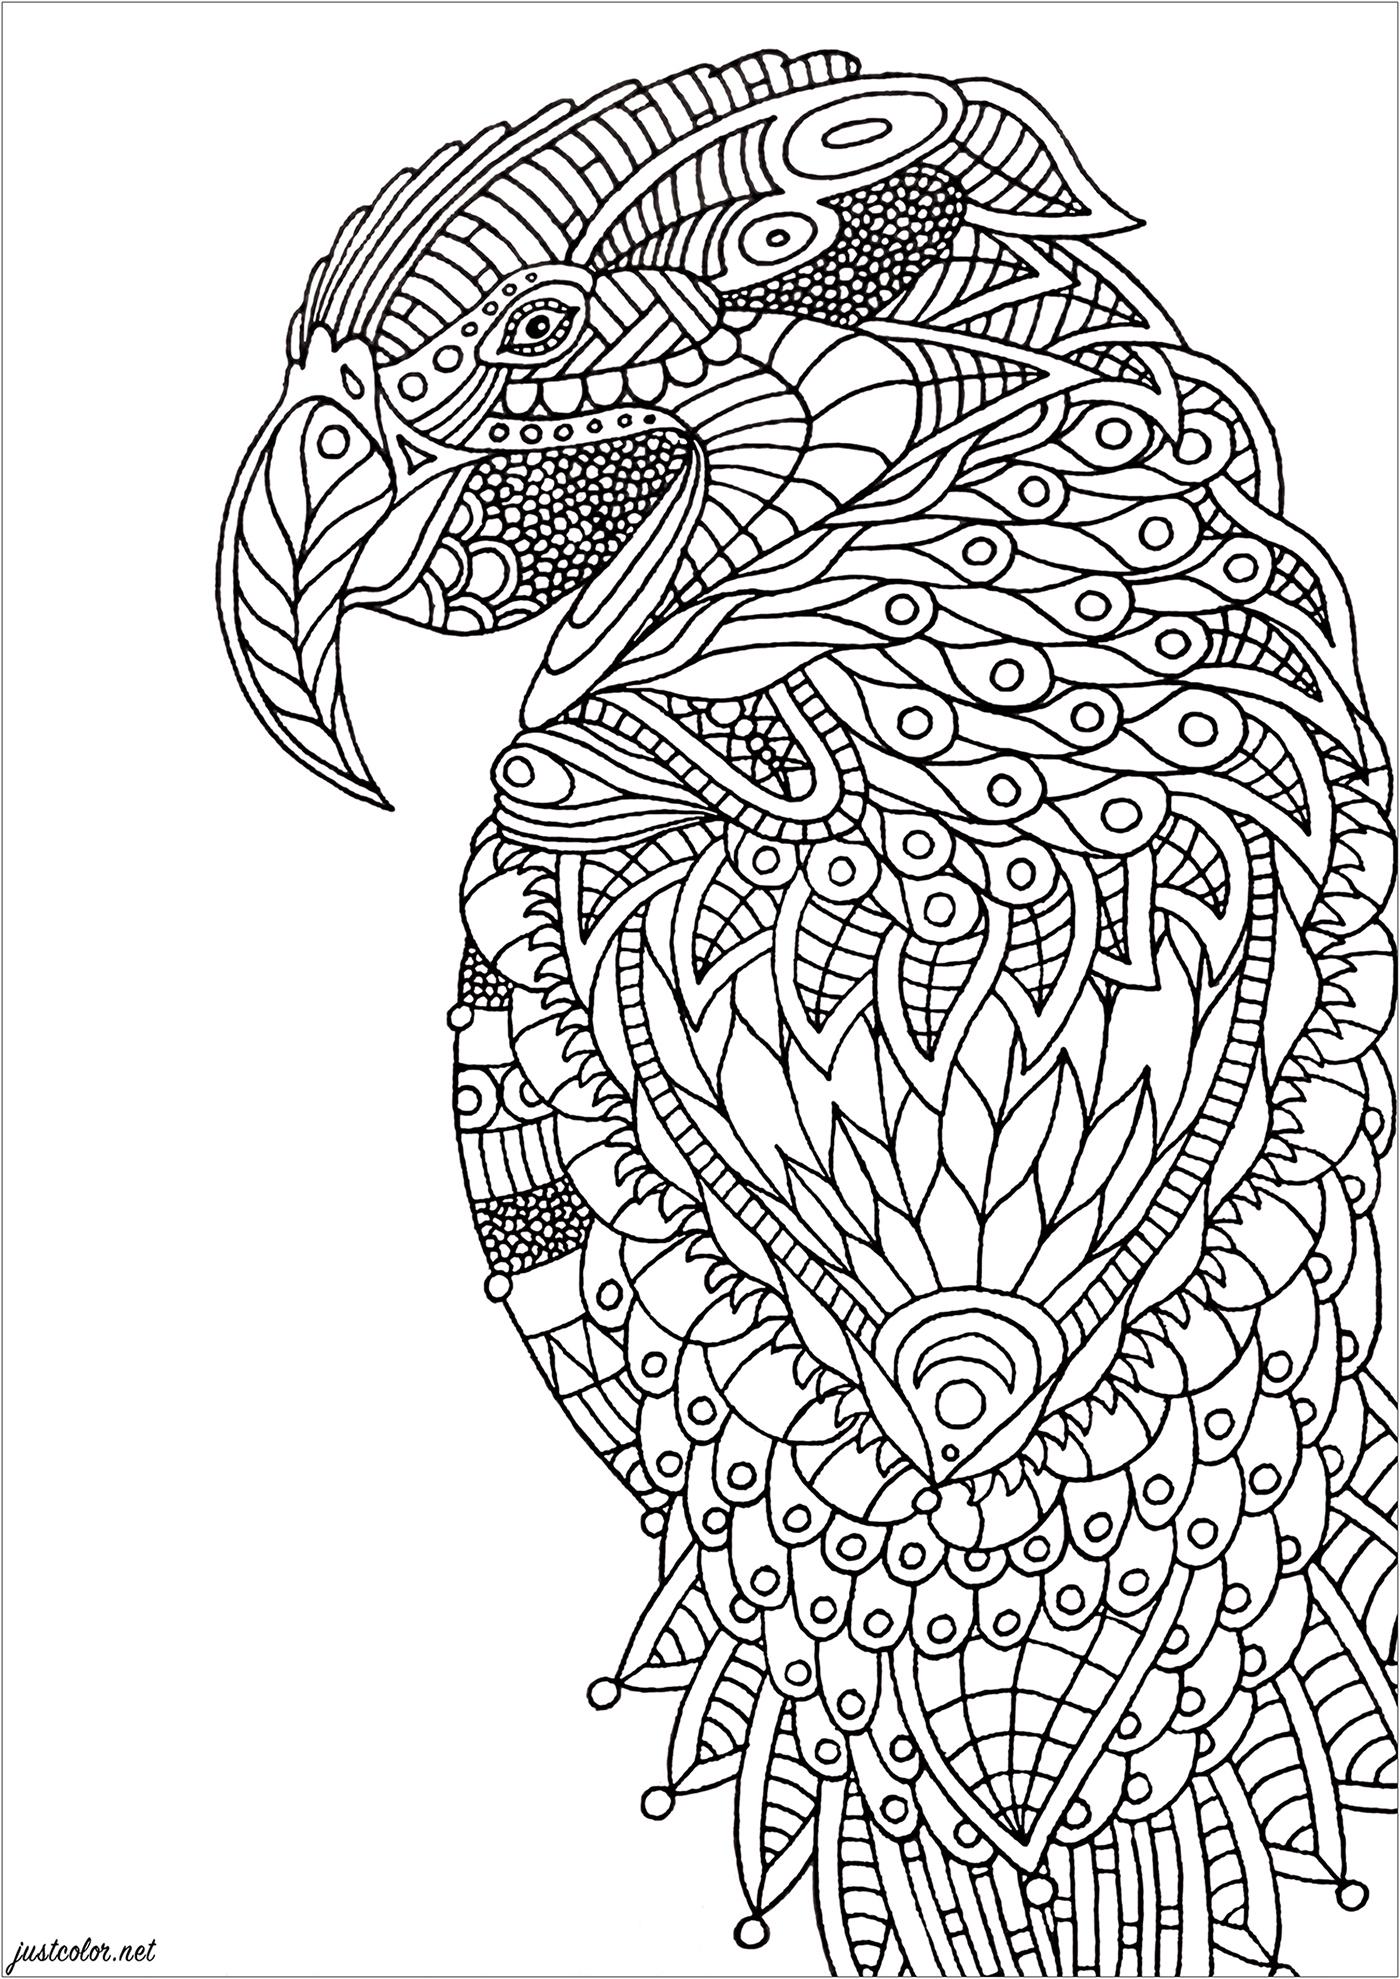 Coloriez les nombreux détails de ce perroquet aux motifs Zentangle ... un parfait coloriage Anti-stress.